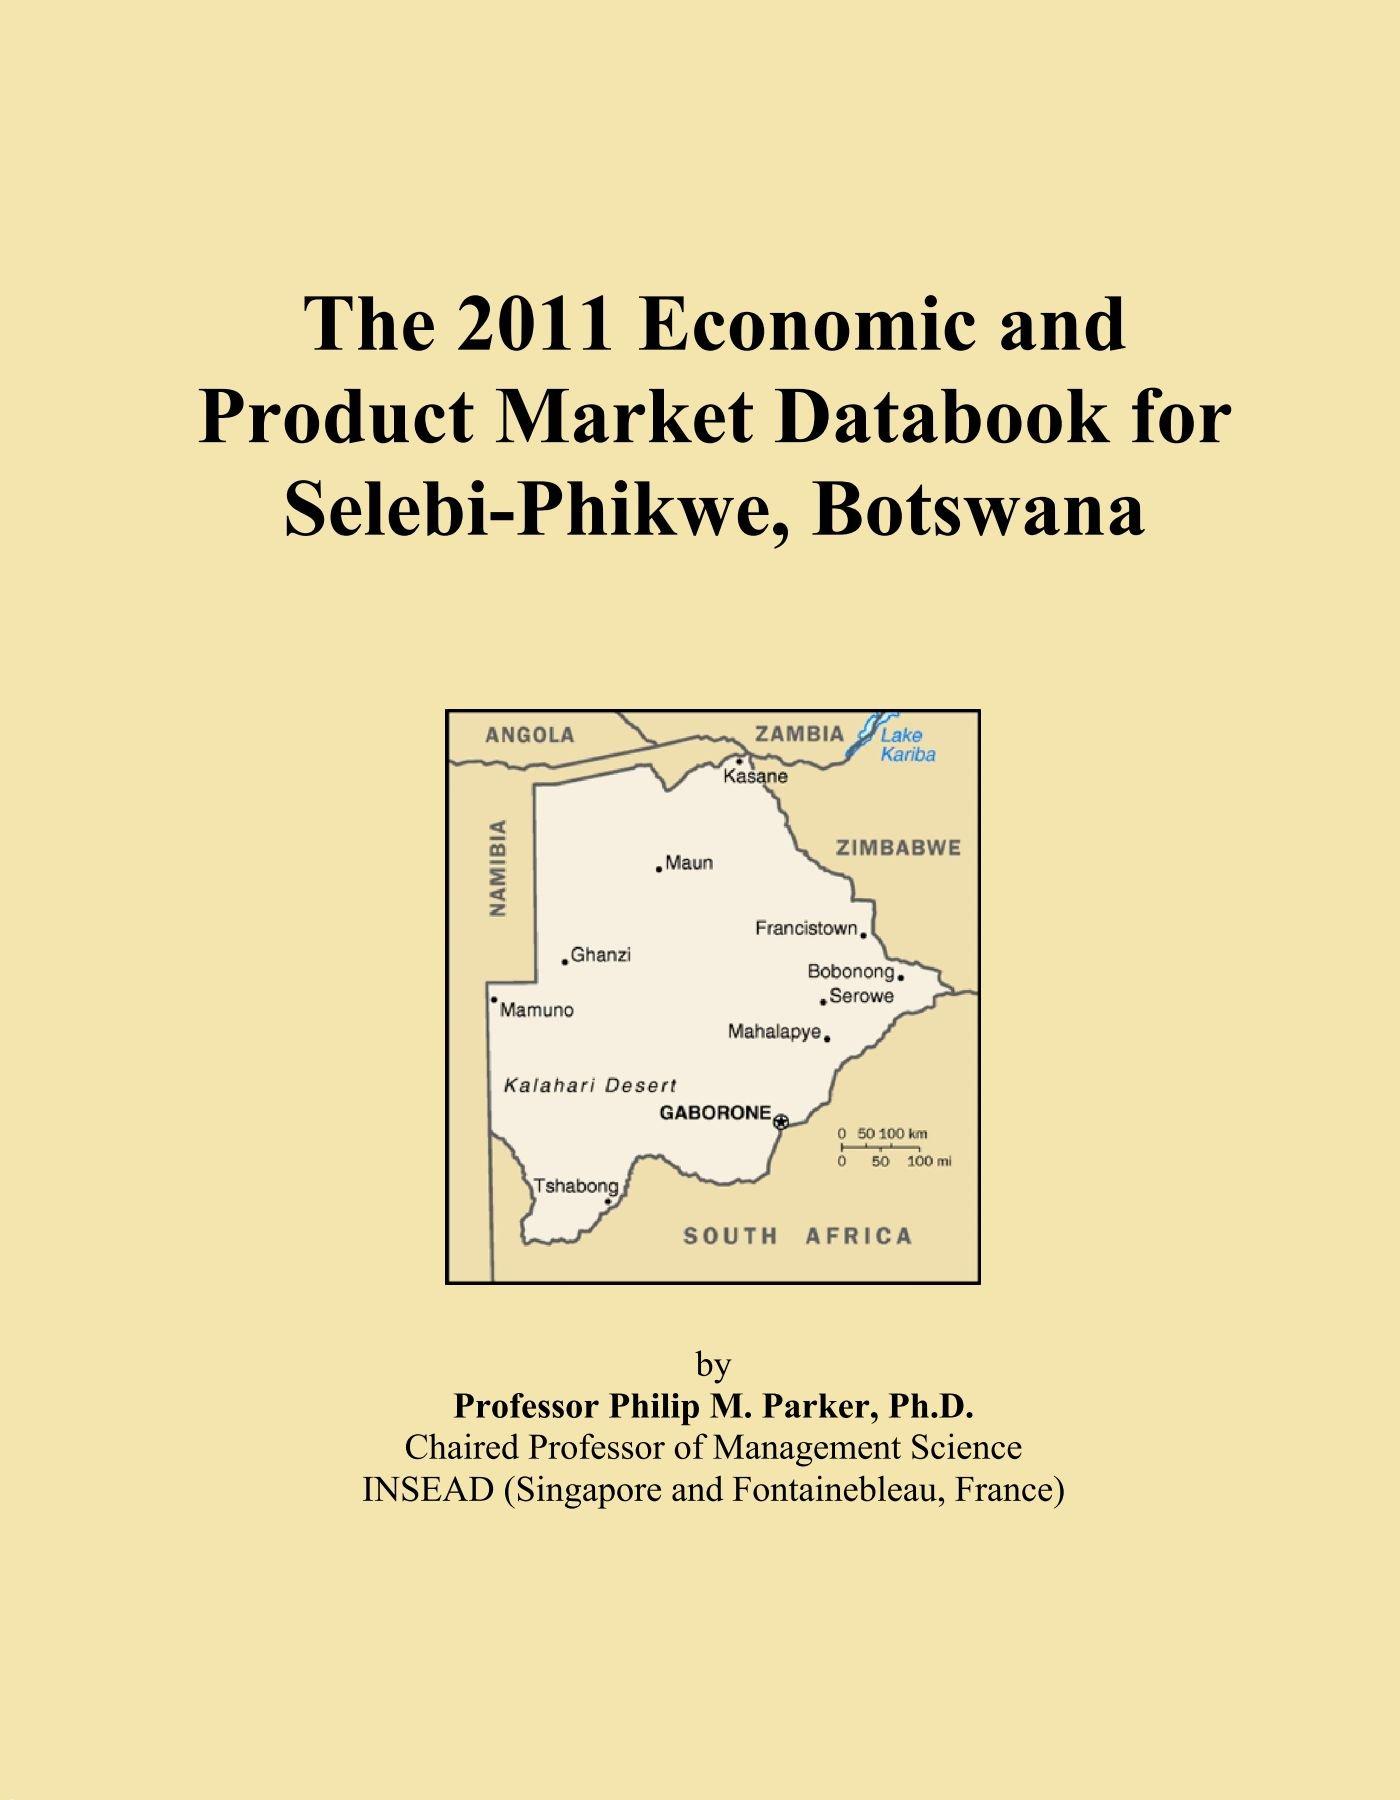 The 2011 Economic and Product Market Databook for Selebi-Phikwe, Botswana pdf